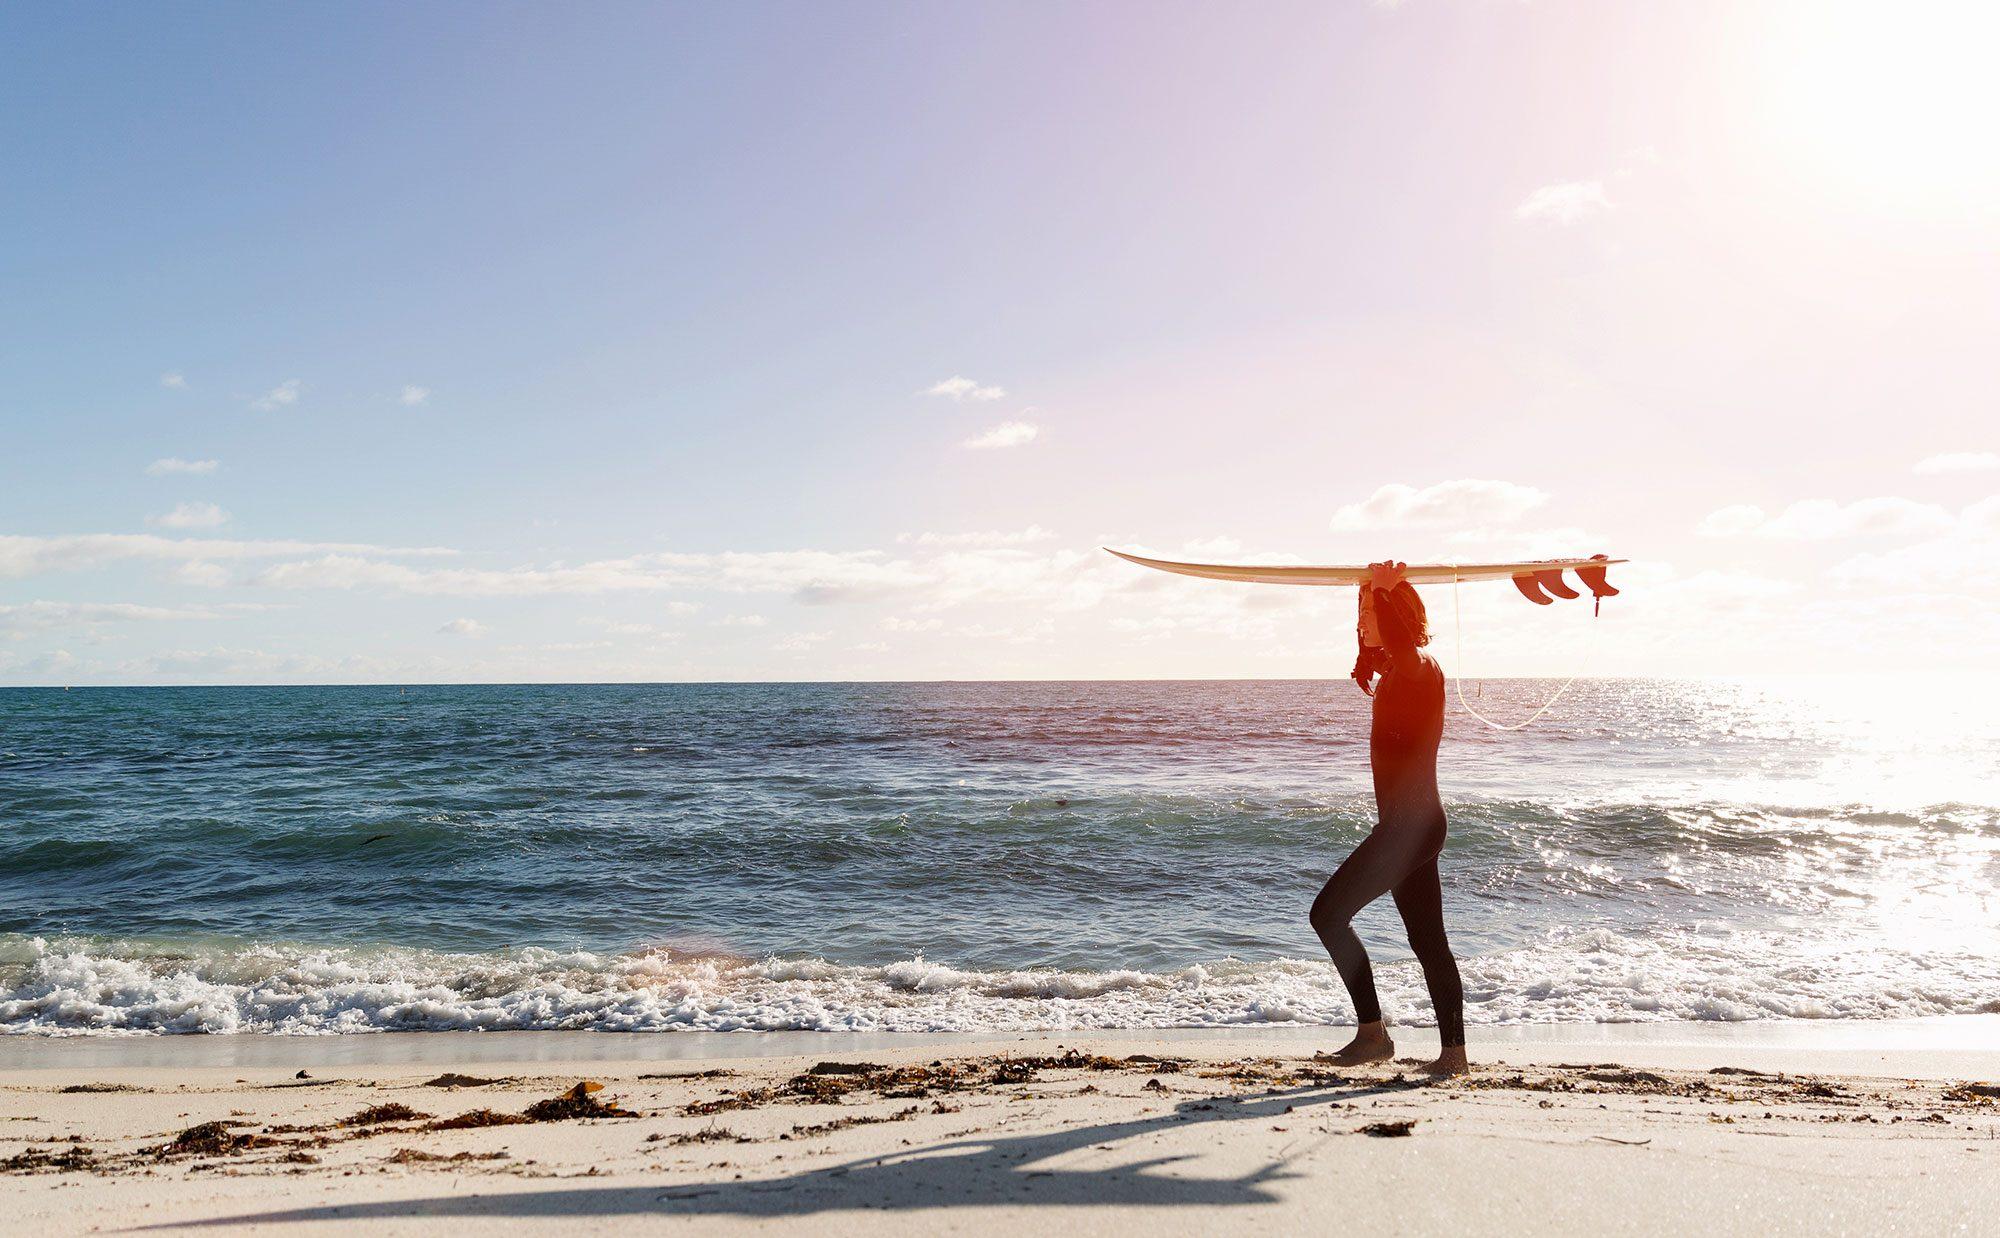 「サーフィン生活はやめられない」海に魅了されて生きる暮らし